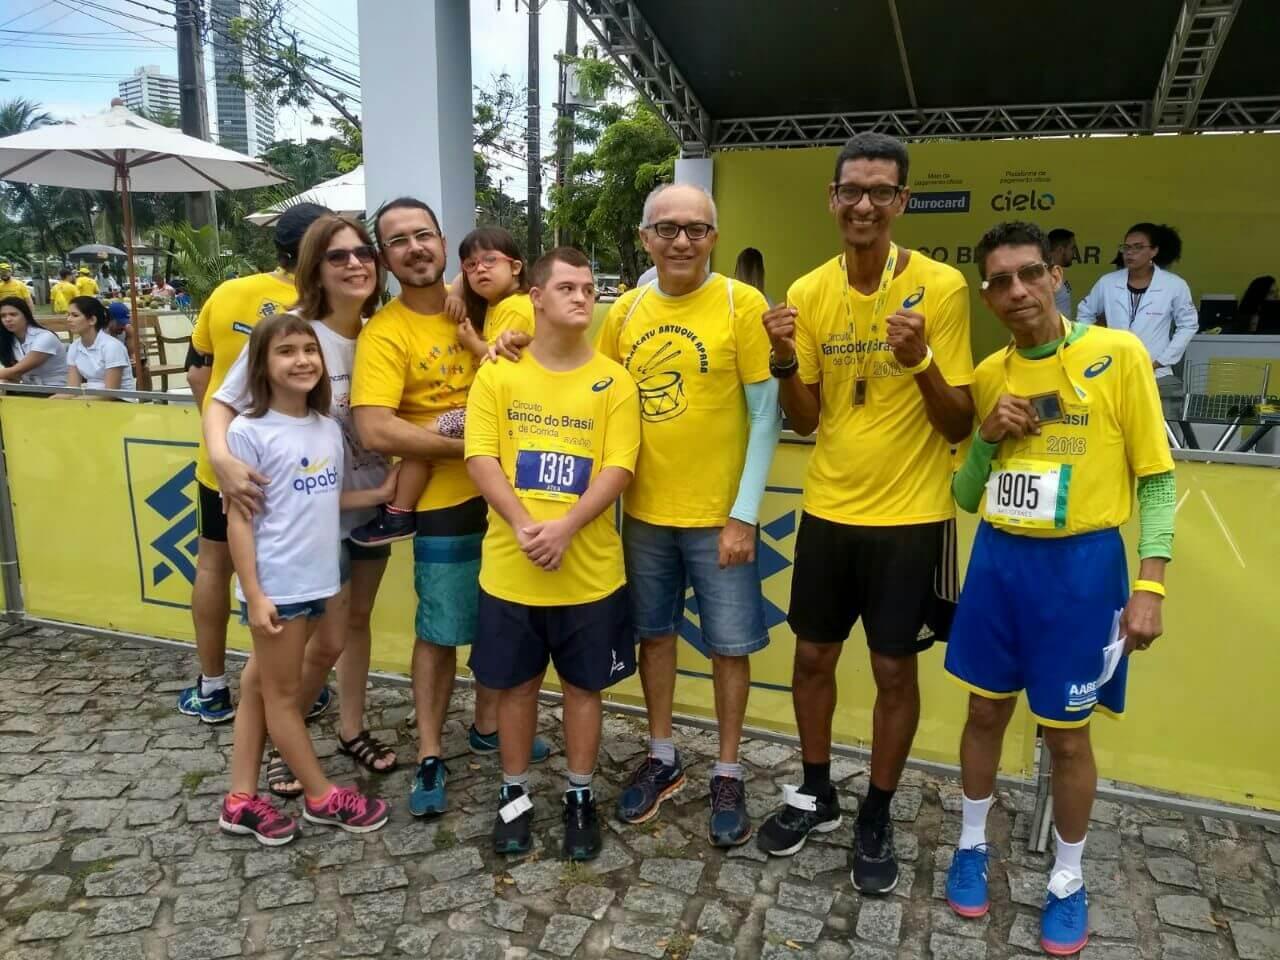 Circuito Banco Do Brasil : Apabb pe participa do circuito banco do brasil de corrida núcleo